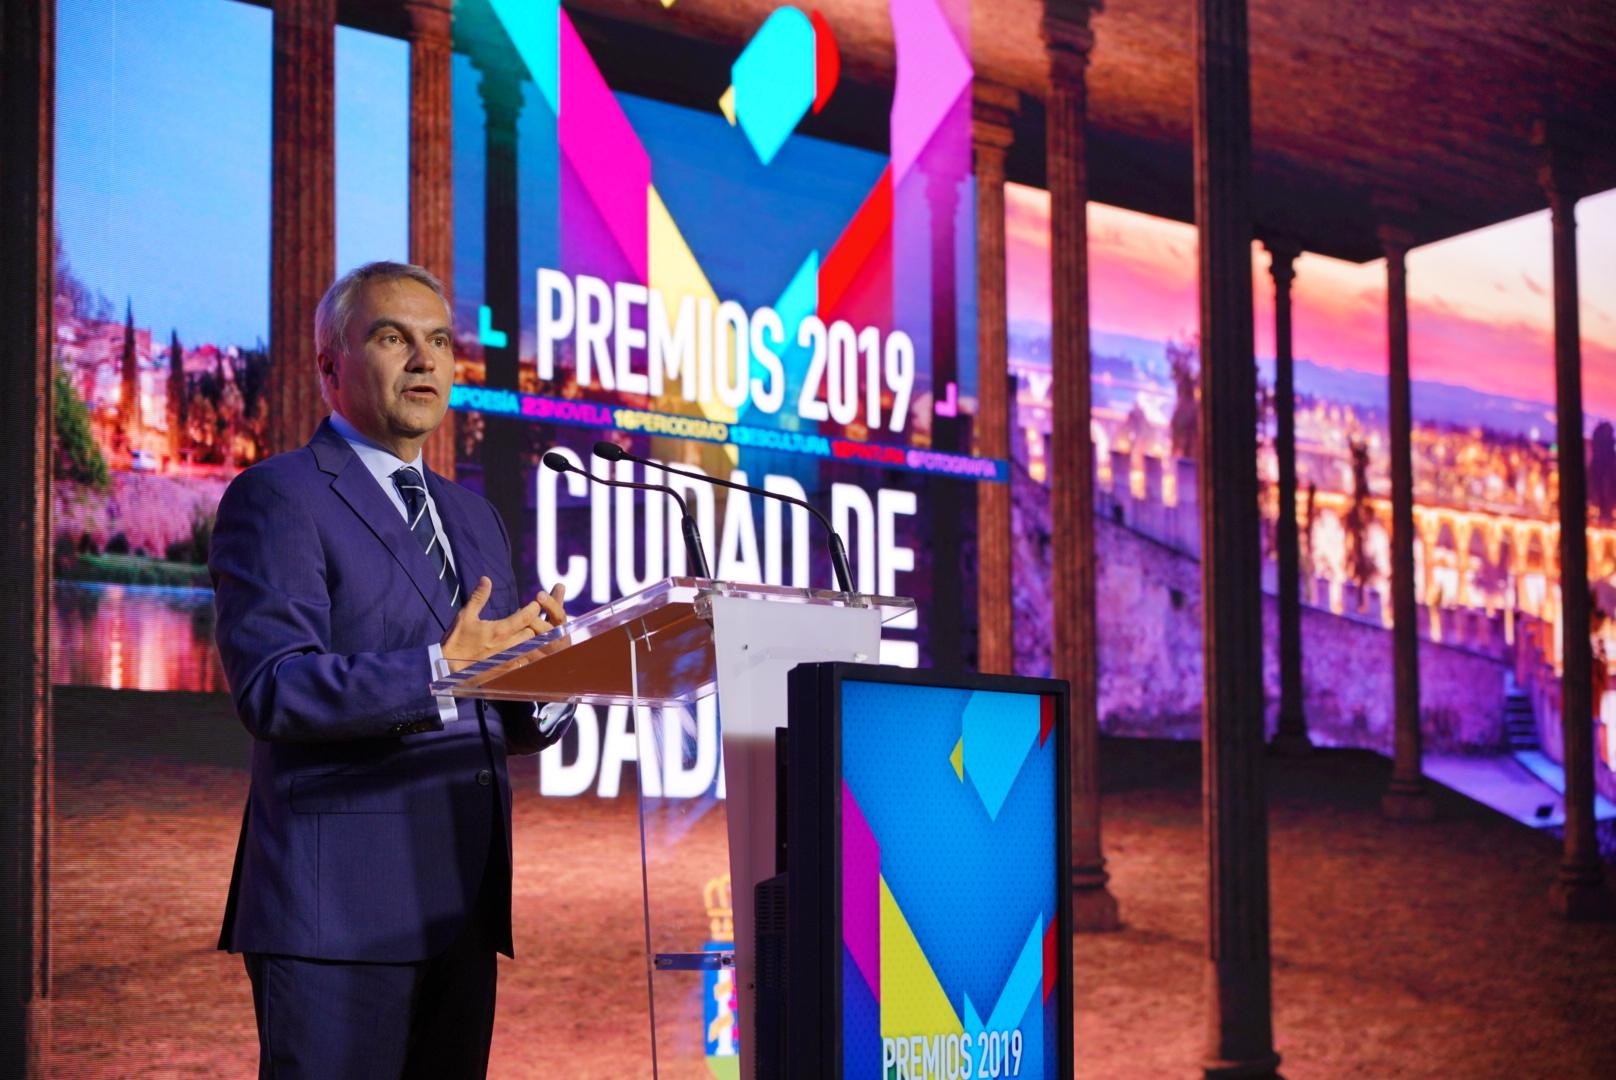 premios-ciudad-badajoz-2019-cultba-02